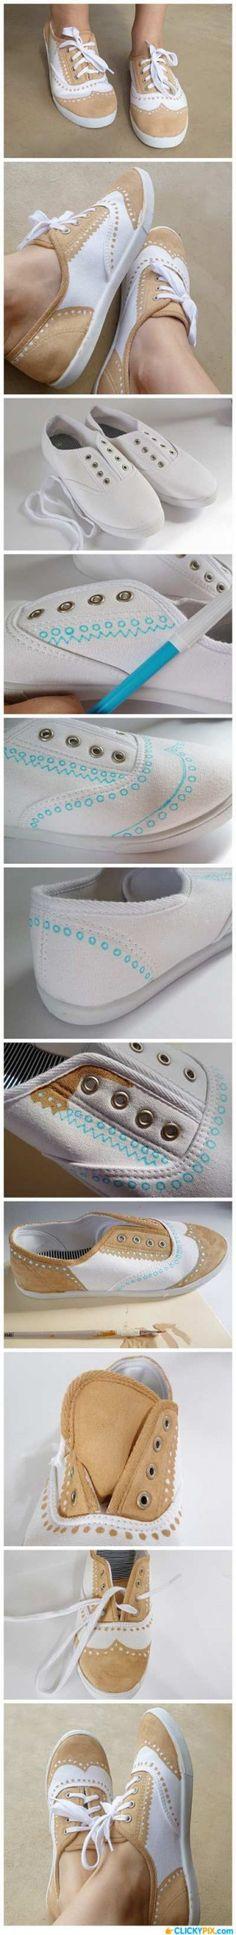 DIY Schuhe pimpen l Toller Effekt und so einfach umzusetzen